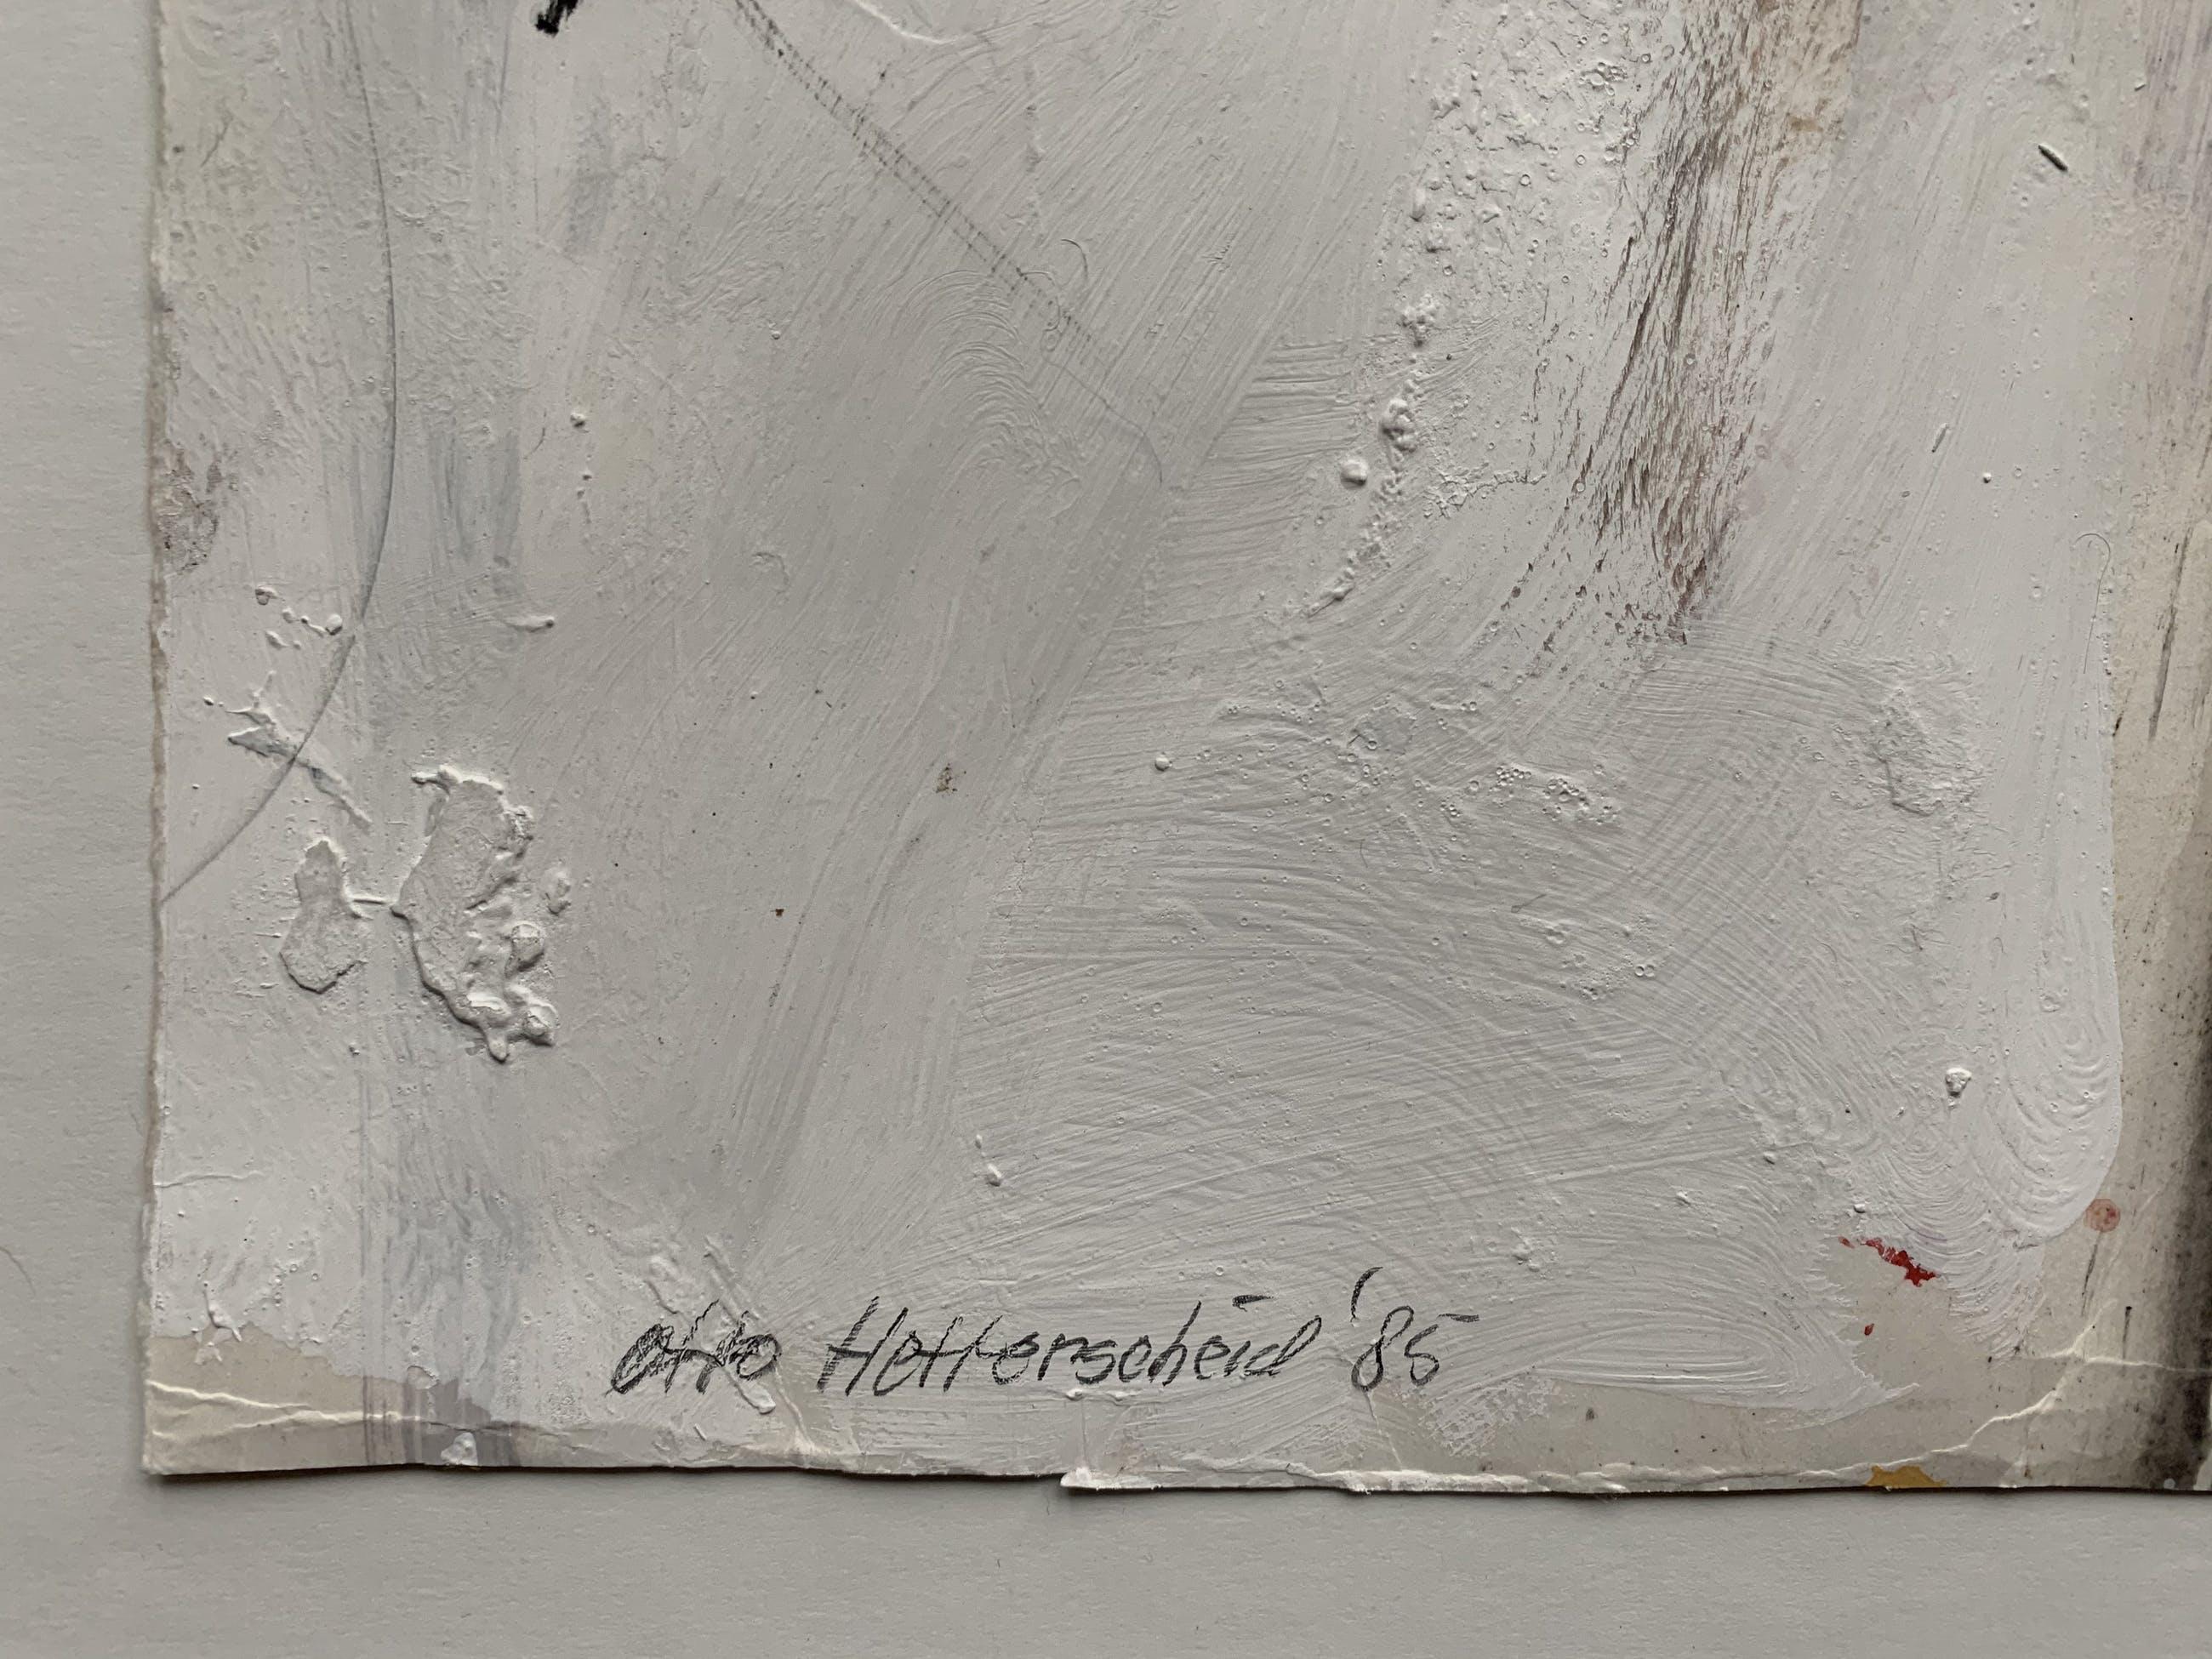 Otto Hetterscheid - gemengde techniek op papier | 'Zonder titel' | 1985 kopen? Bied vanaf 100!